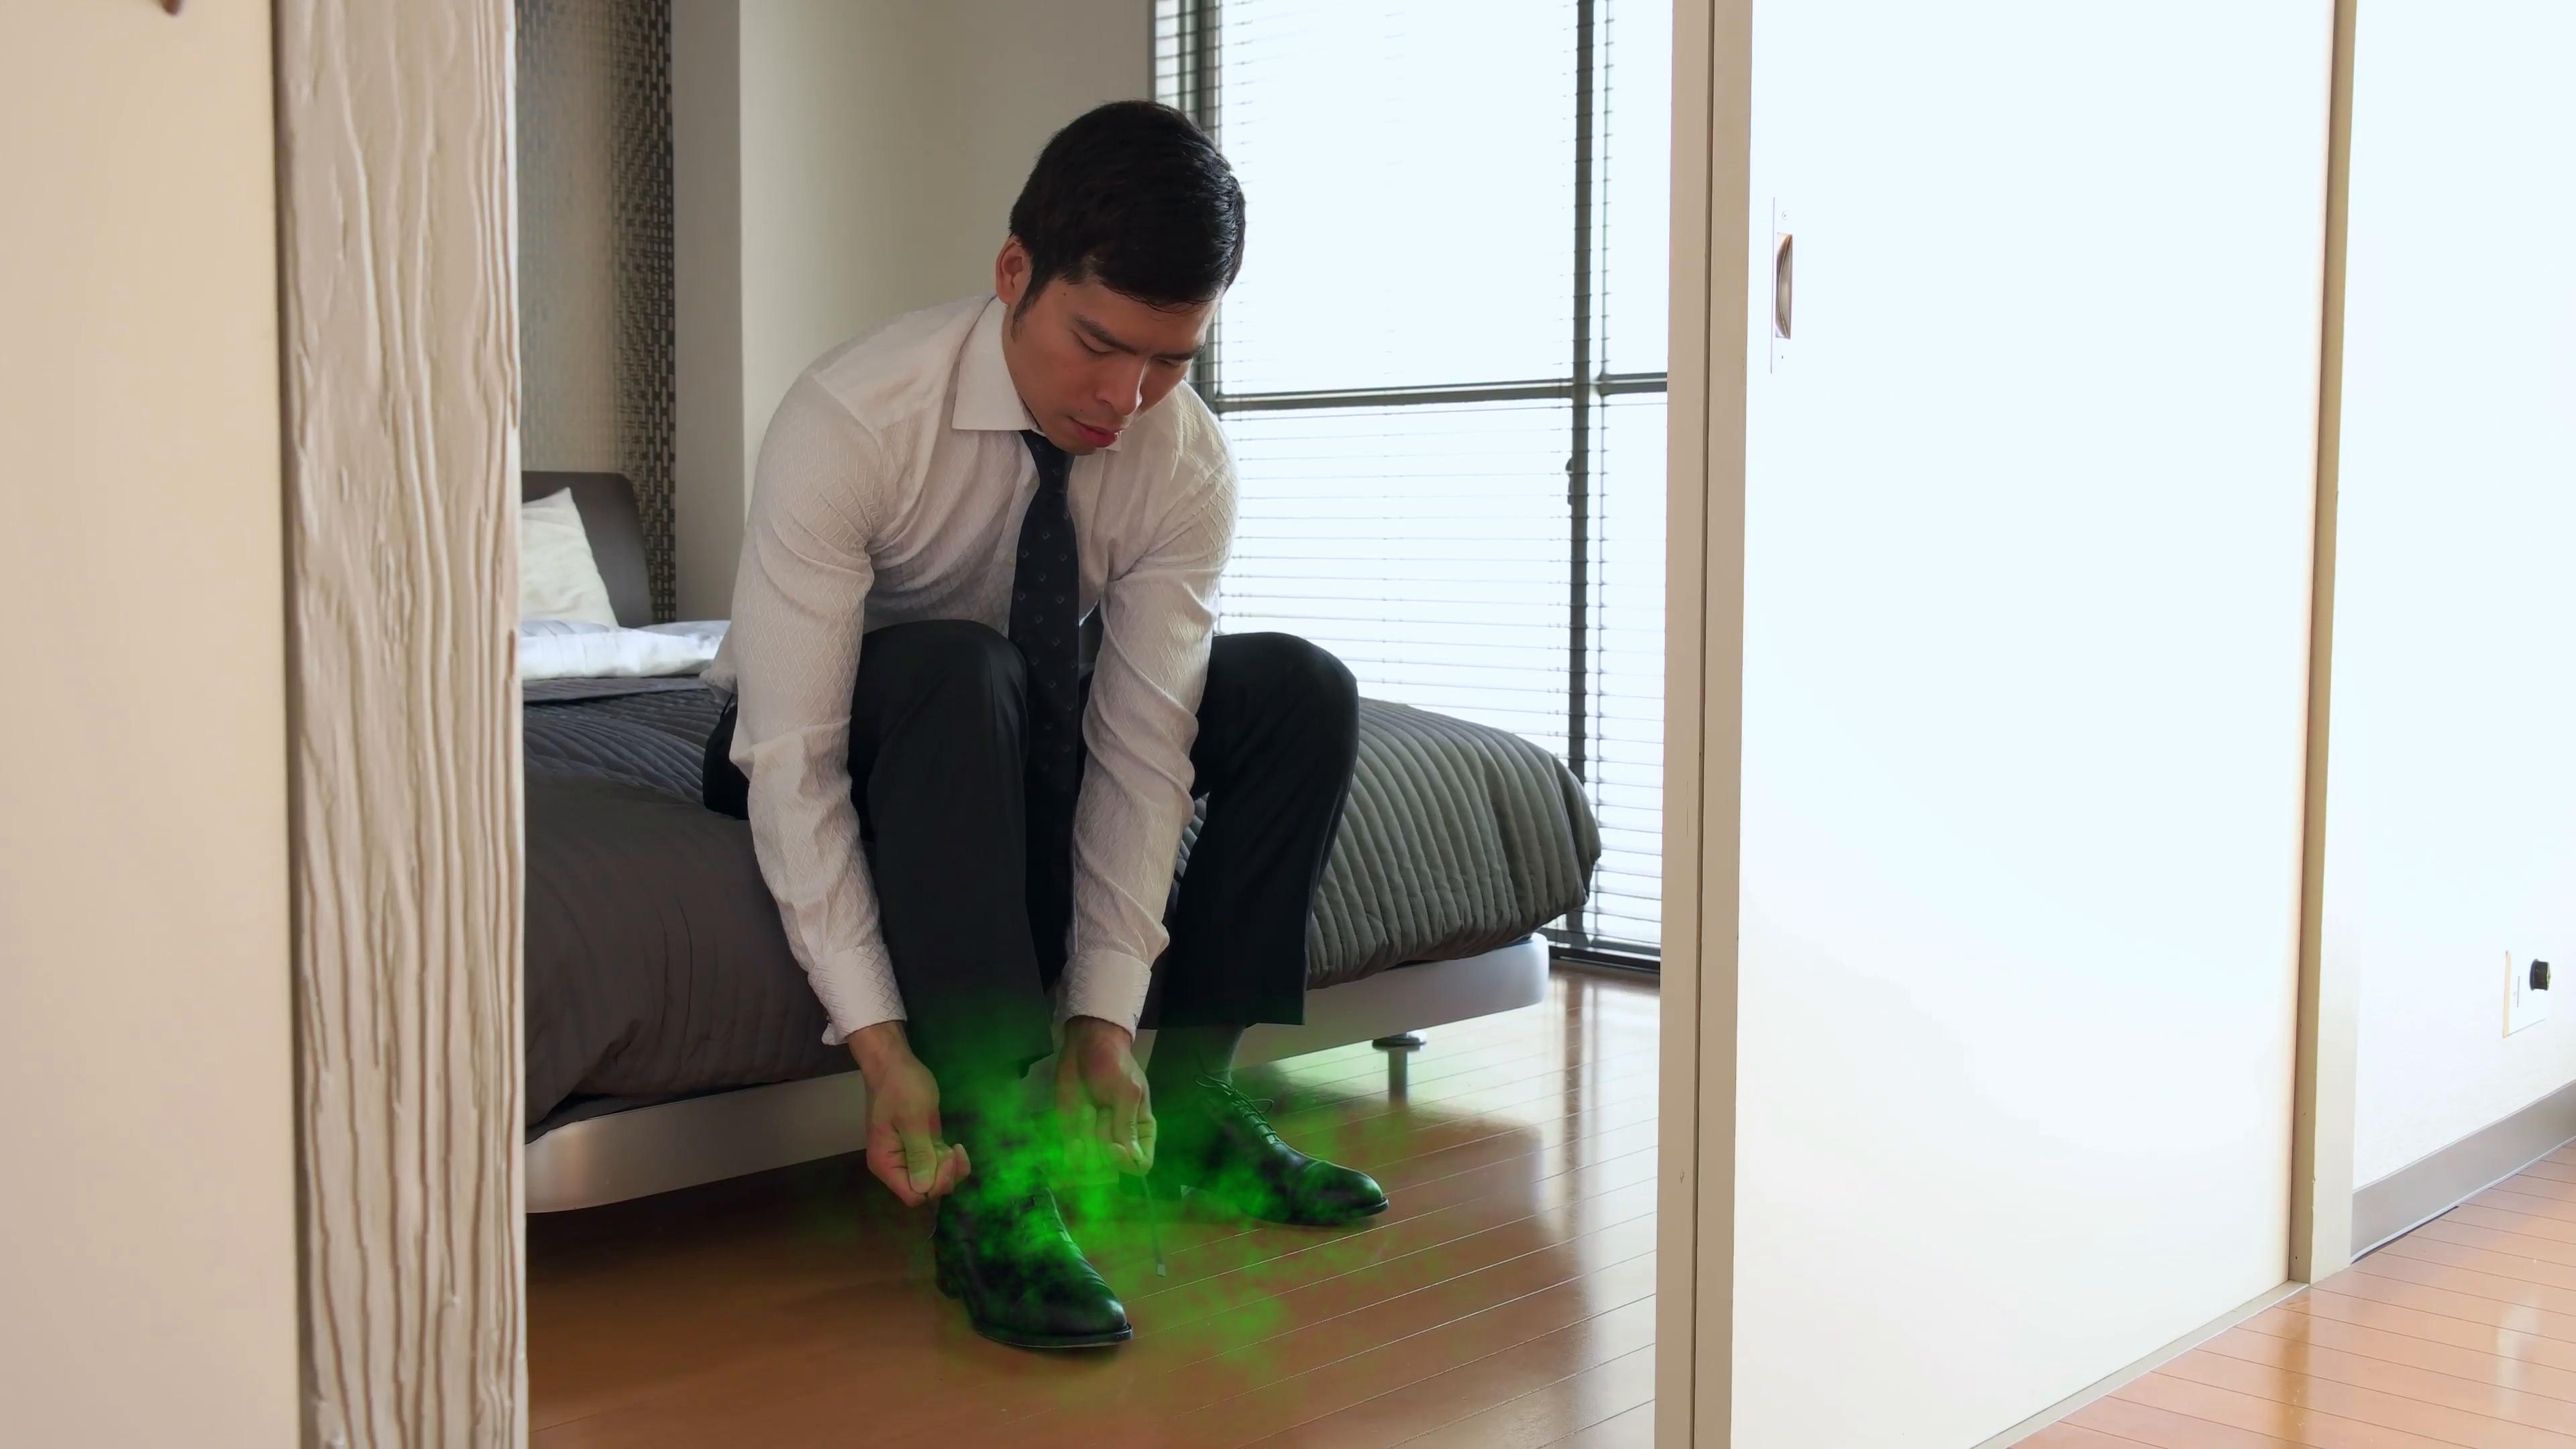 """Tại sao dân công sở Nhật càng làm việc nghiêm túc càng dễ khiến đôi chân nặng mùi """"tỏa hương bát ngát""""? - Ảnh 2."""